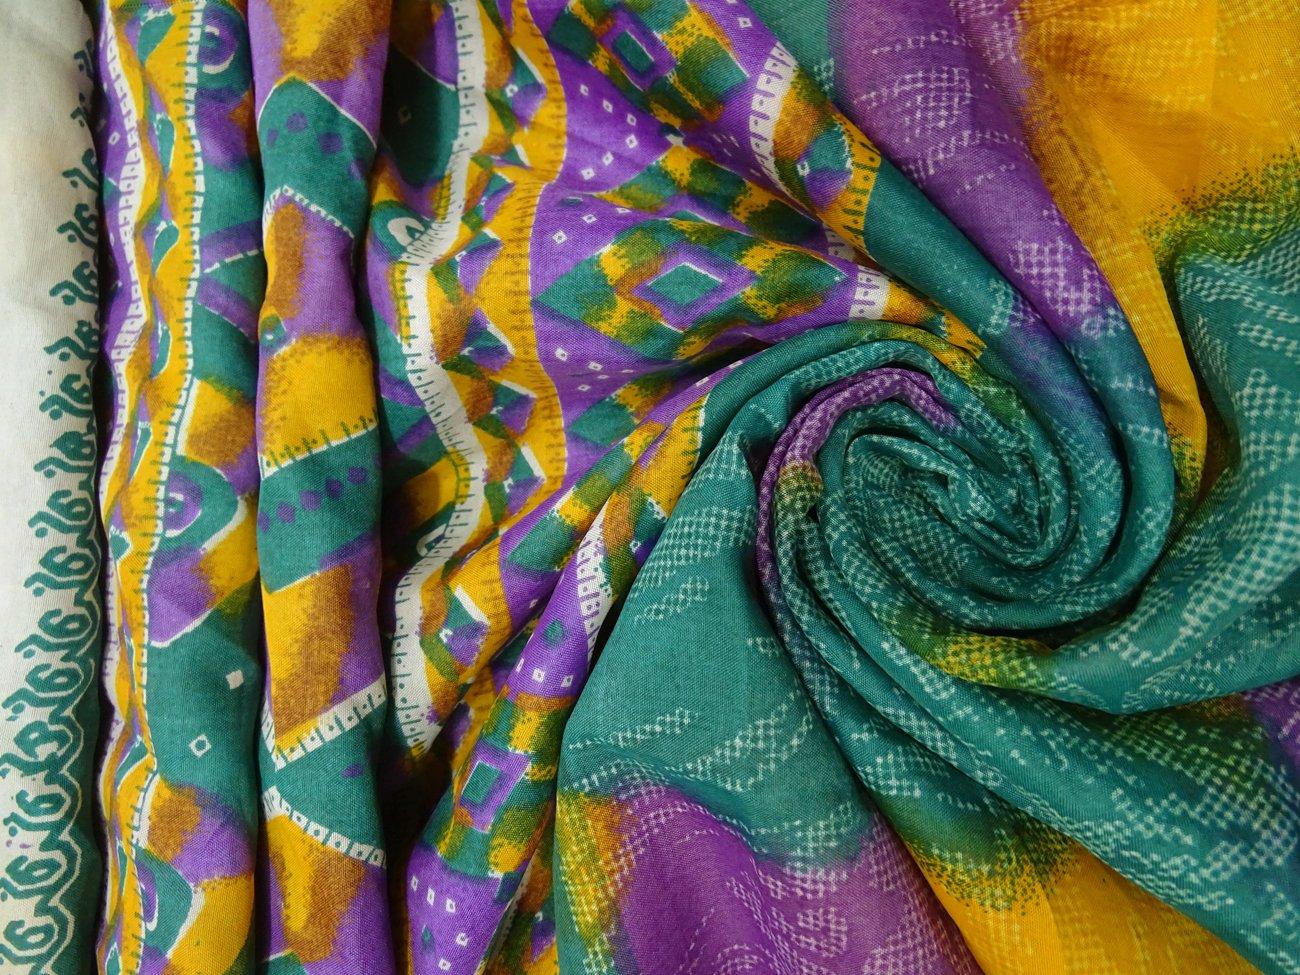 PEEGLI Indio Étnico Vintage Púrpura Étnico Mujer Sari Seda Mezcla Diseño DIY Tela Casual Vestir Vestido Abstracto Moda Saree: Amazon.es: Amazon.es